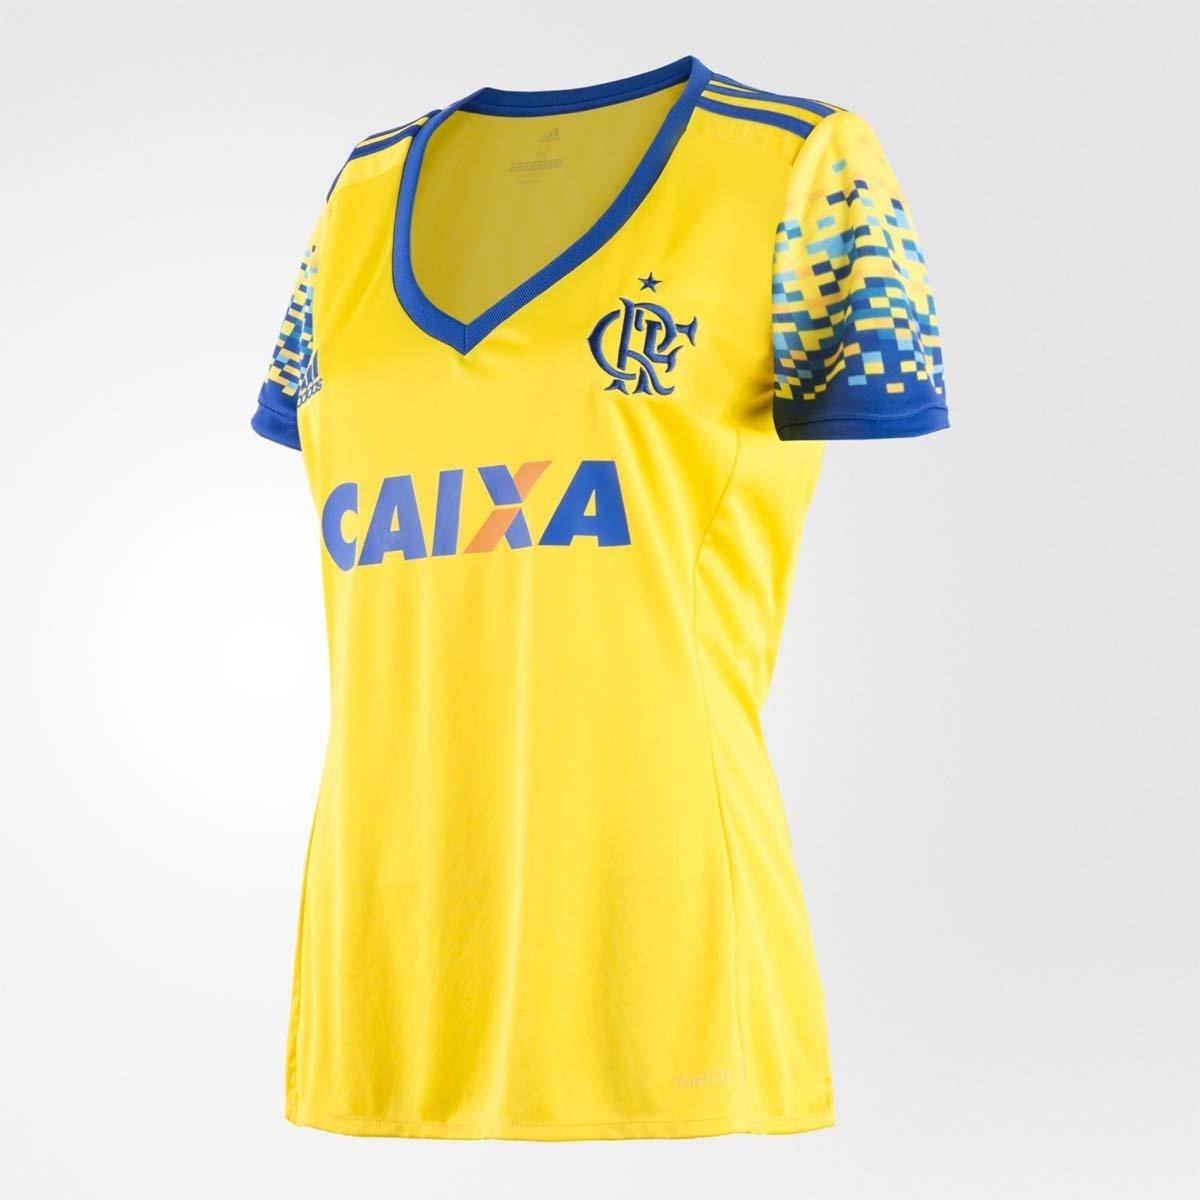 4e7882d4d4 Camisa Flamengo Feminina Oficial Jogo 3 Adidas 2017 - Compre Agora ...